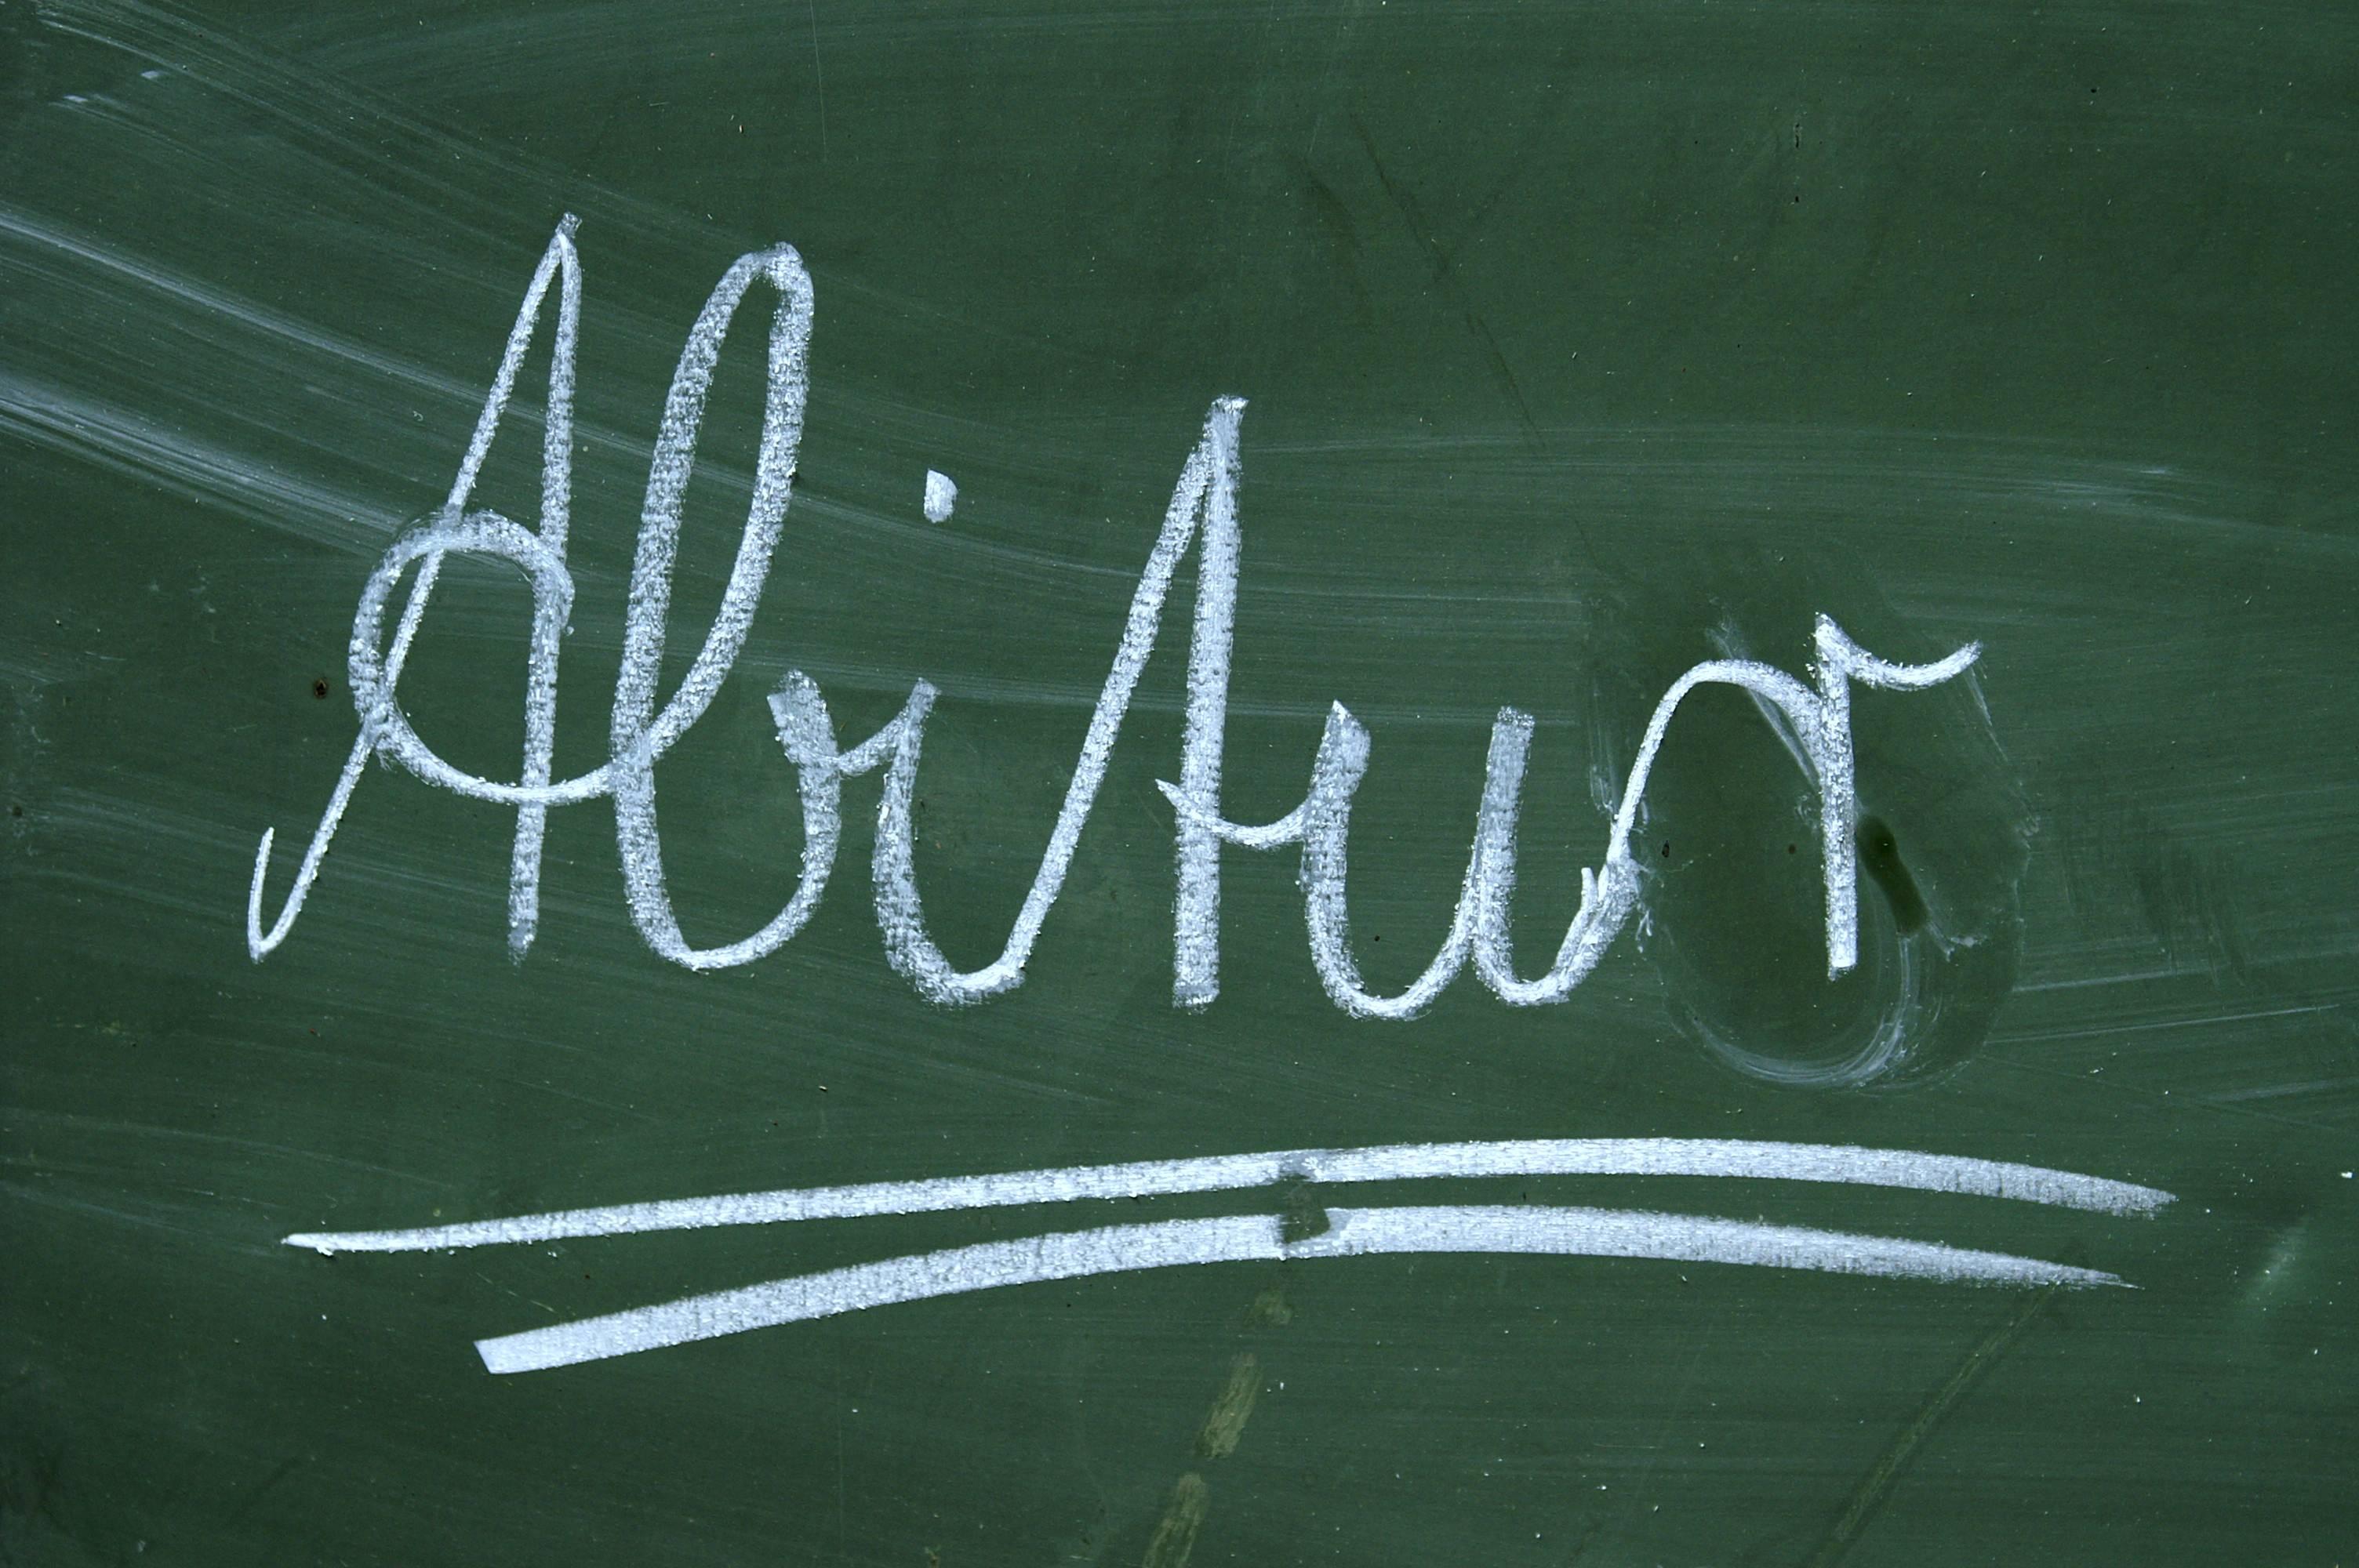 Schlimmstenfalls müssen Tausende von Schülern das Mathe-Abitur nochmal schreiben. Foto: S. Hofschlaeger / pixelio.de